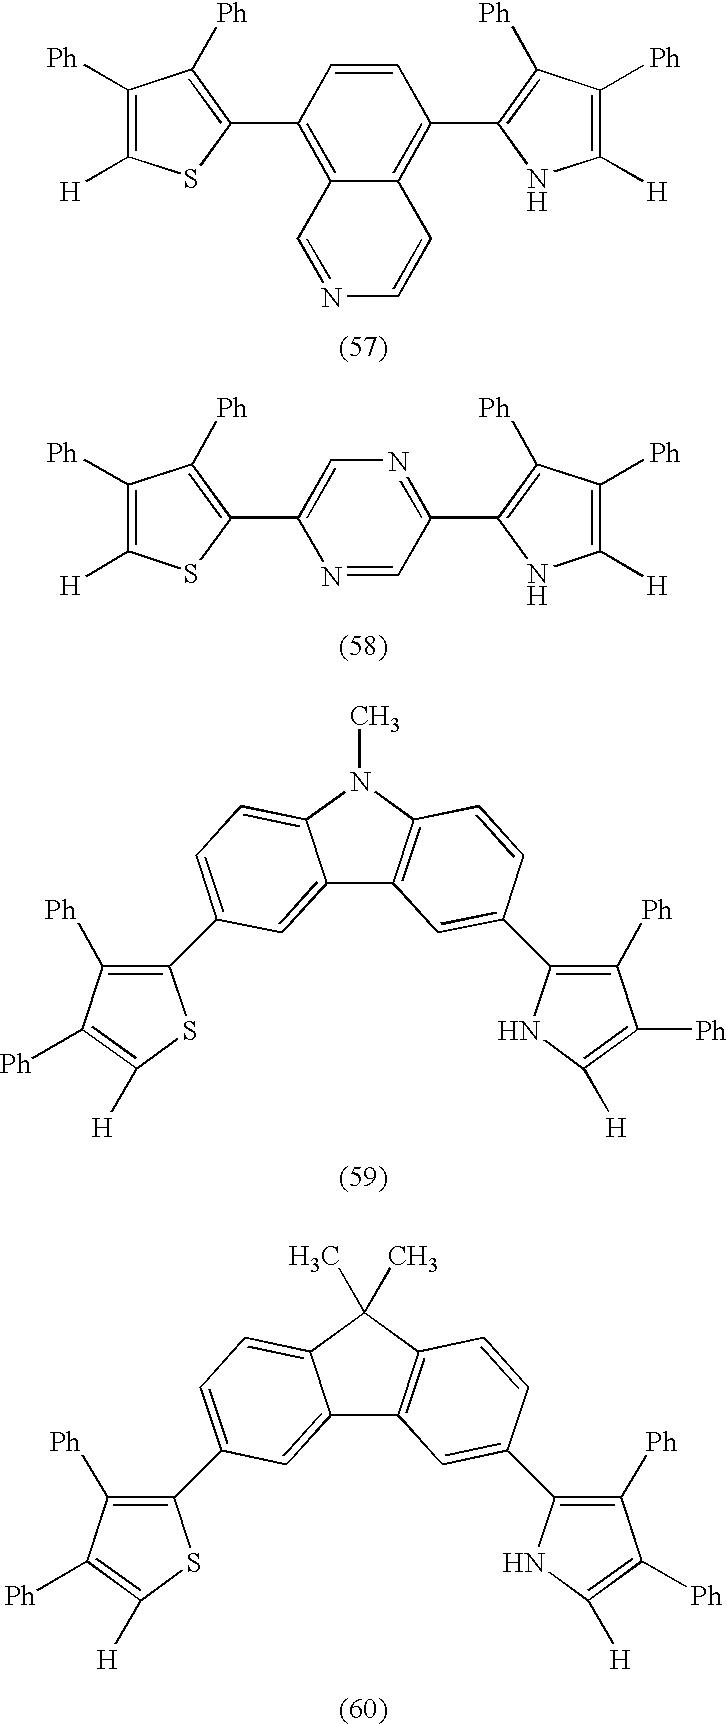 Figure US07871714-20110118-C00016